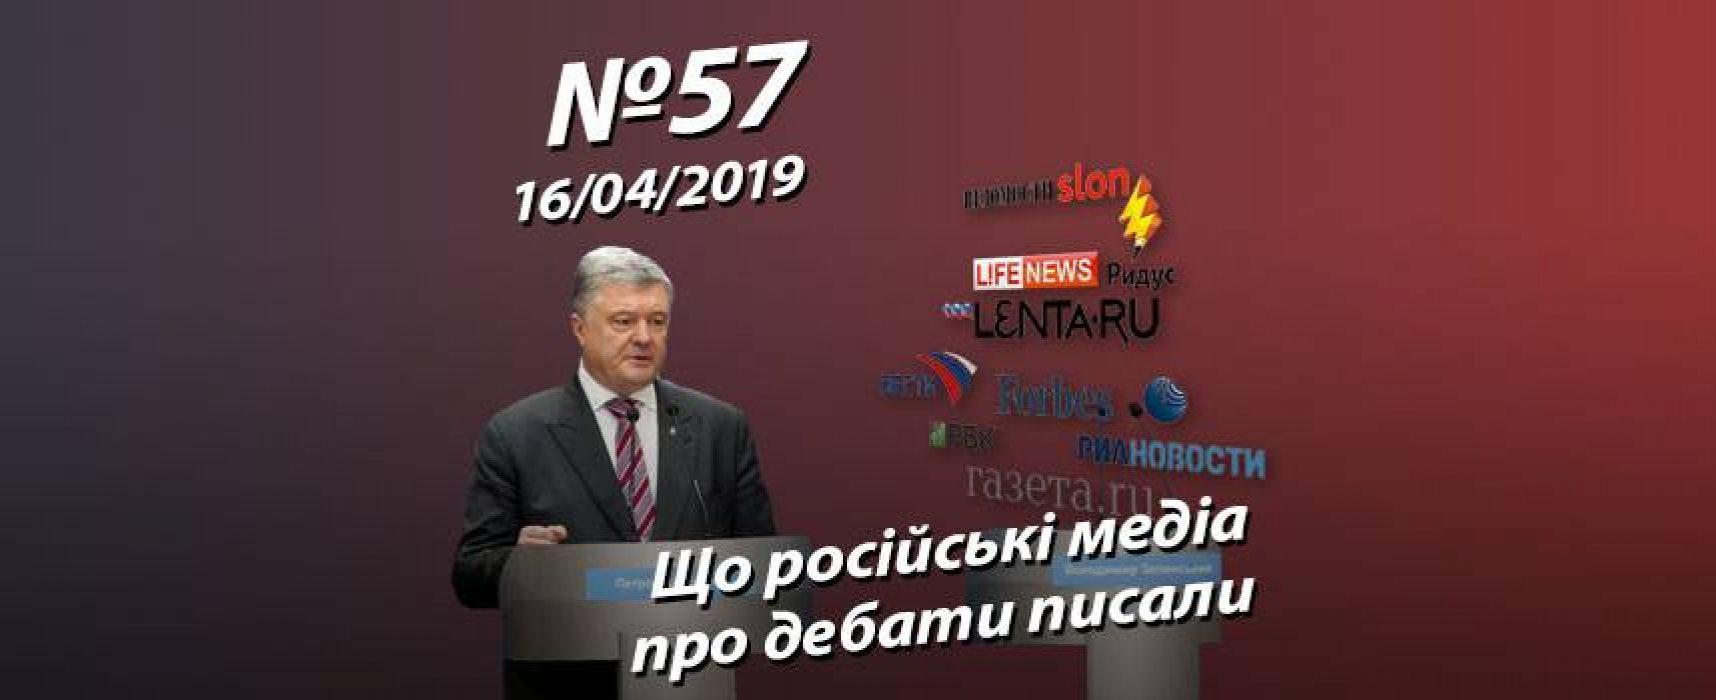 Що російські медіа про дебати писали – StopFake.org